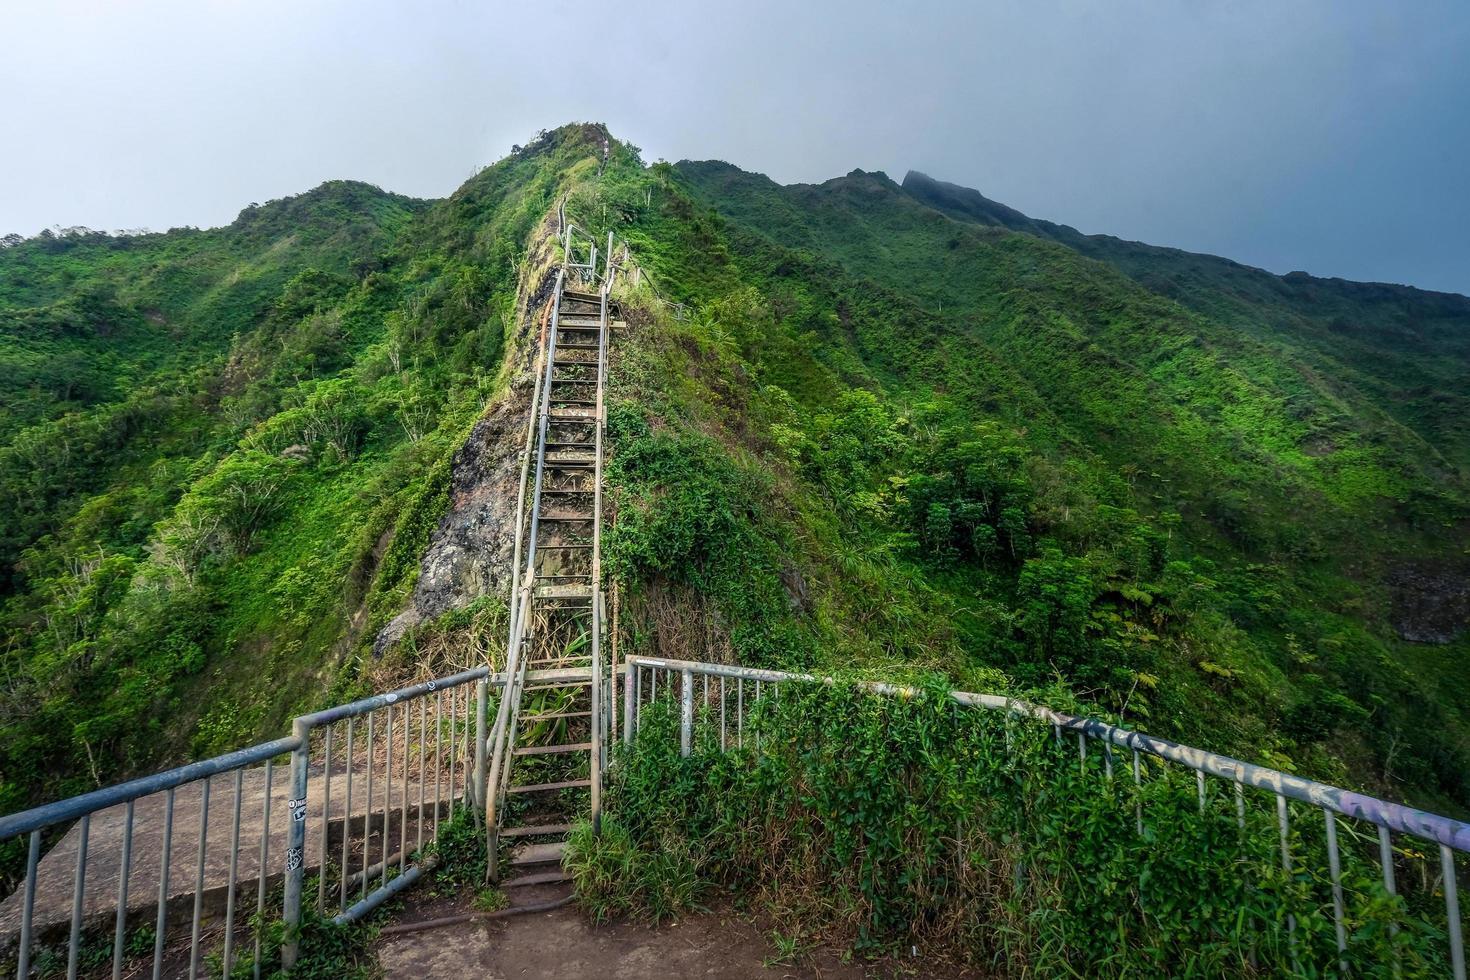 lange houten ladder die naar de bergtop gaat foto